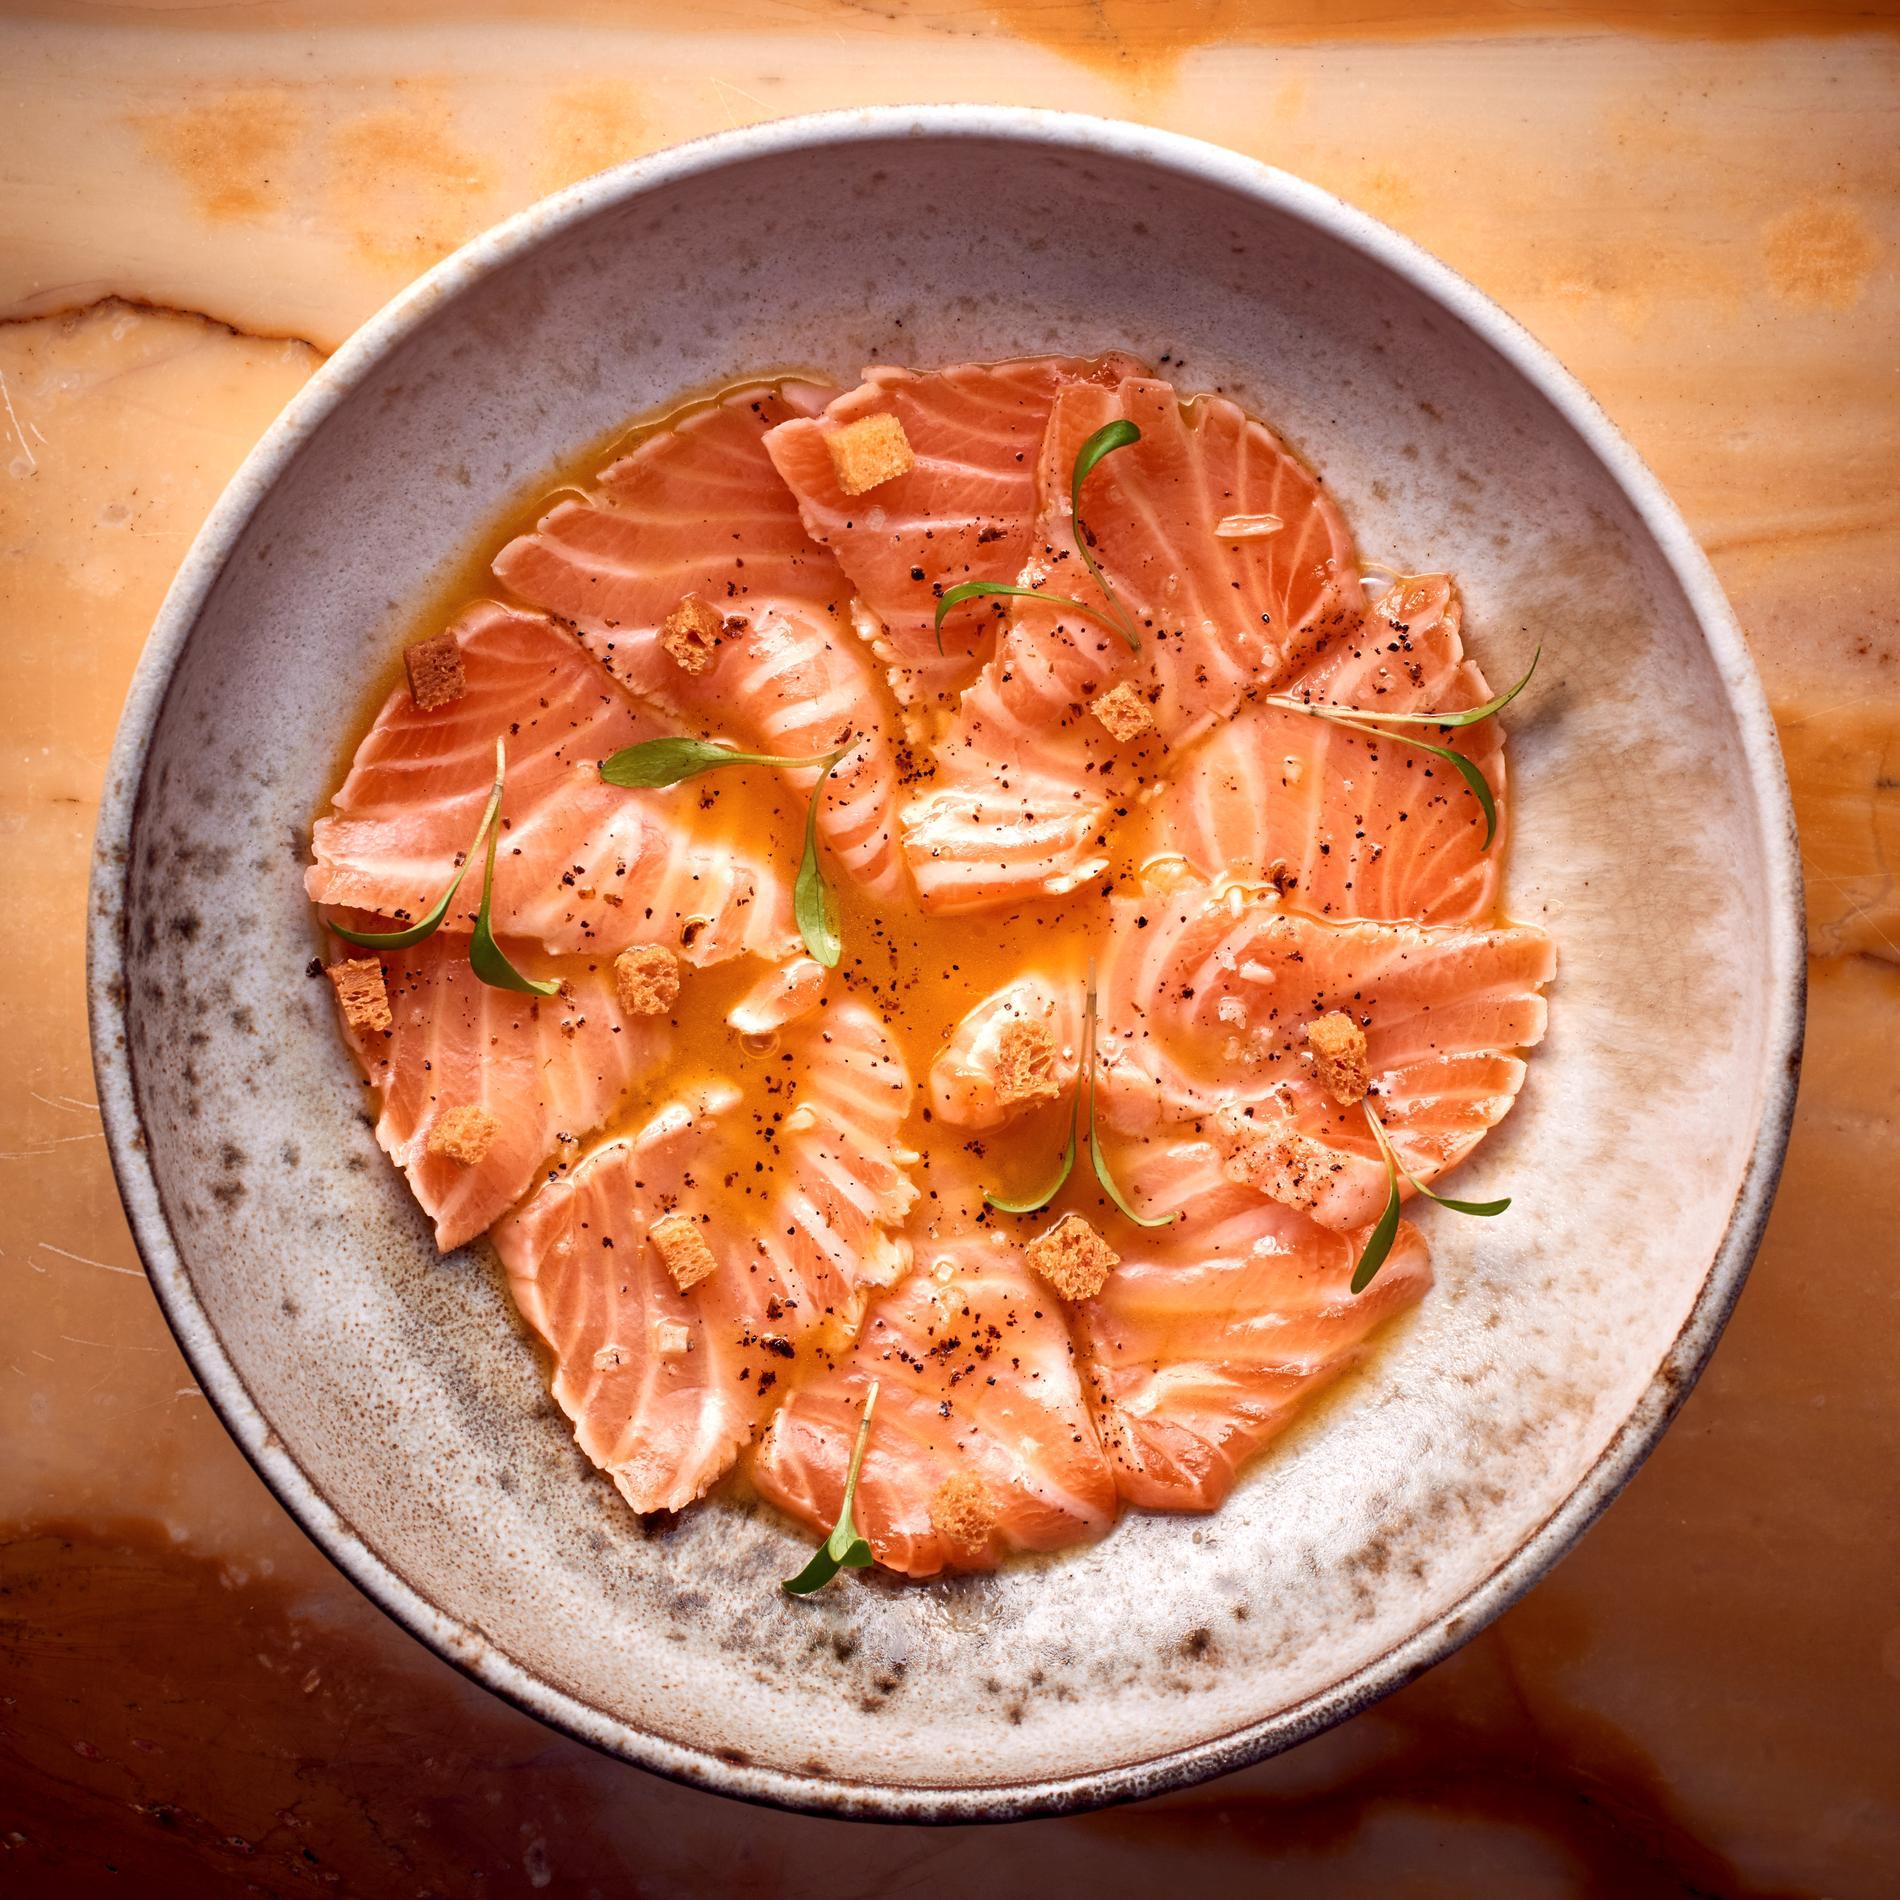 Recette Terrine De Poisson Cyril Lignac recettes cyril lignac - cuisine / madame figaro